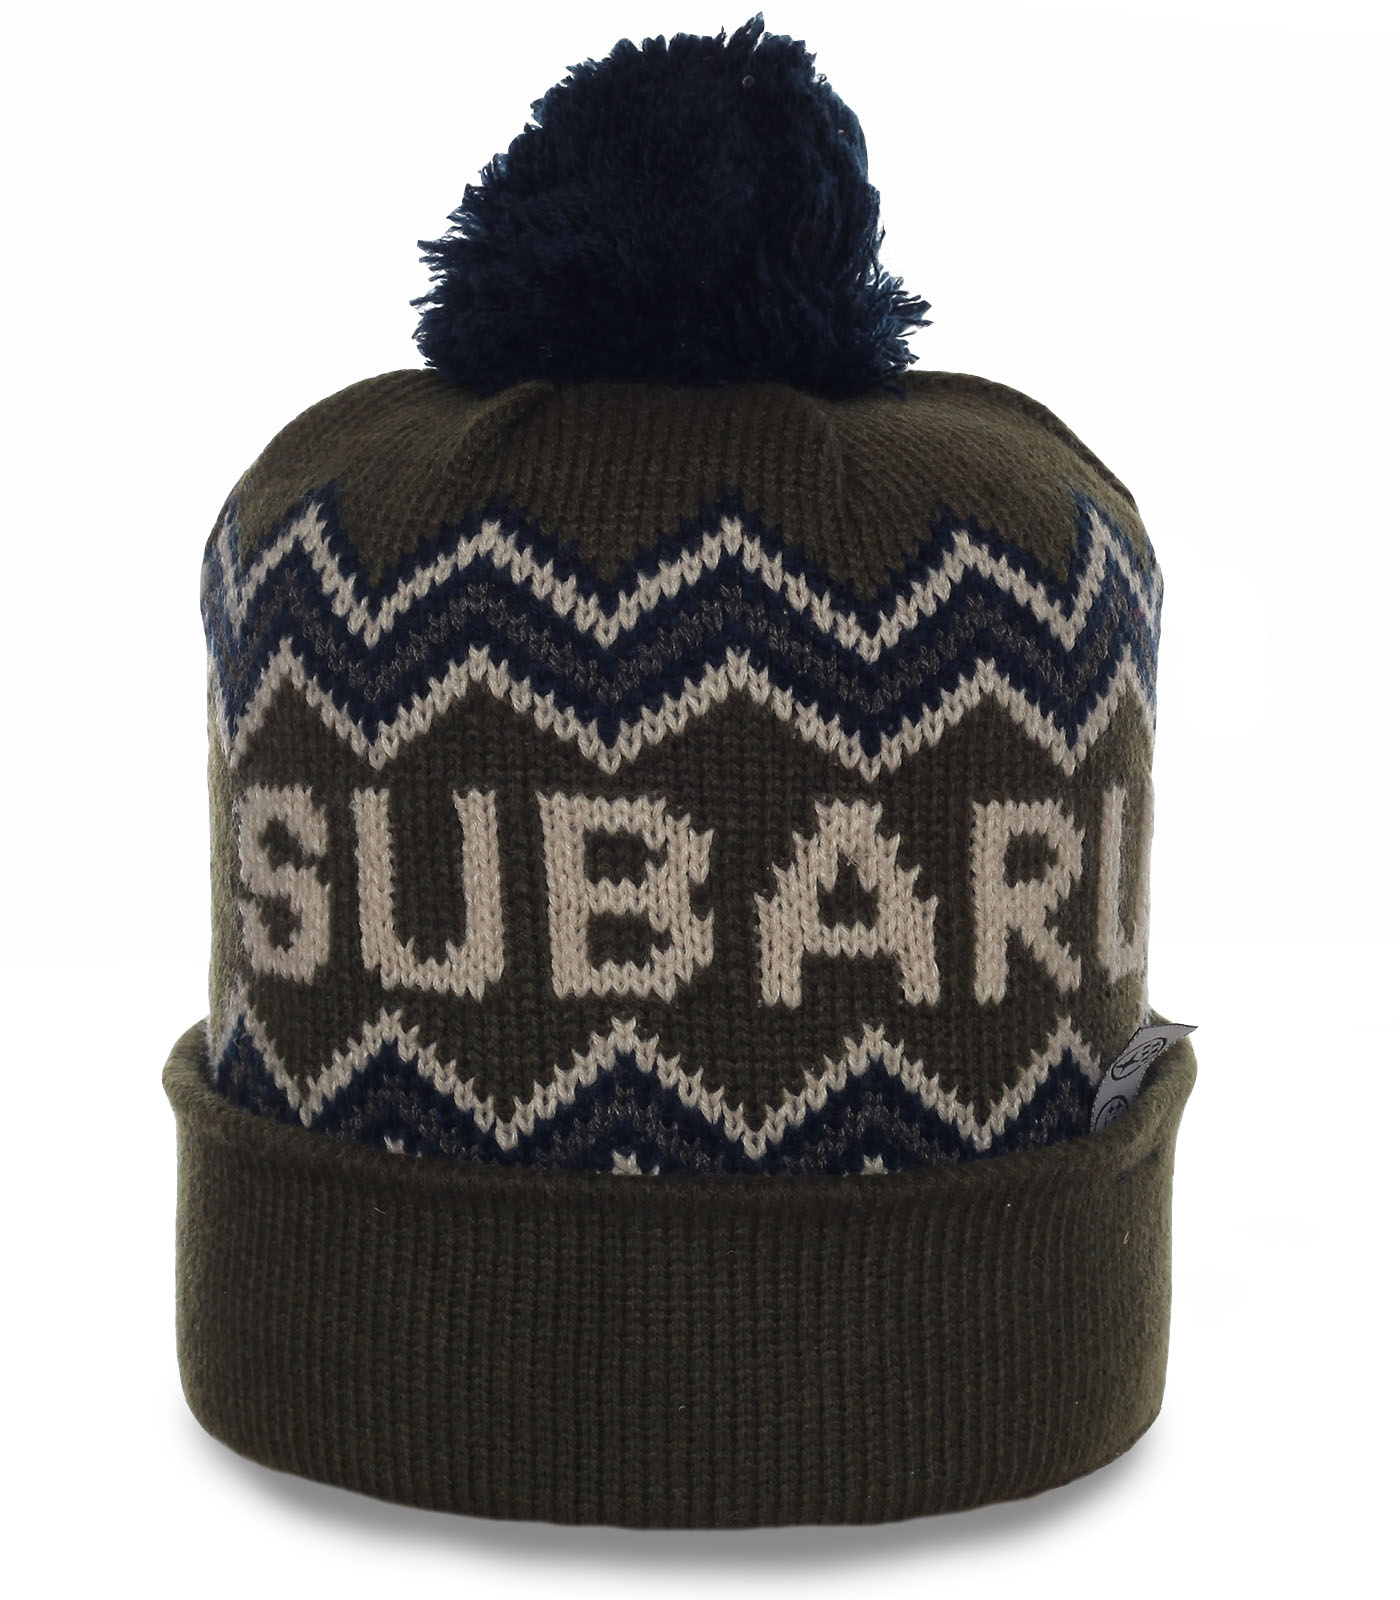 Модная и практичная шапка Subaru. Комфортная модель для любой погоды